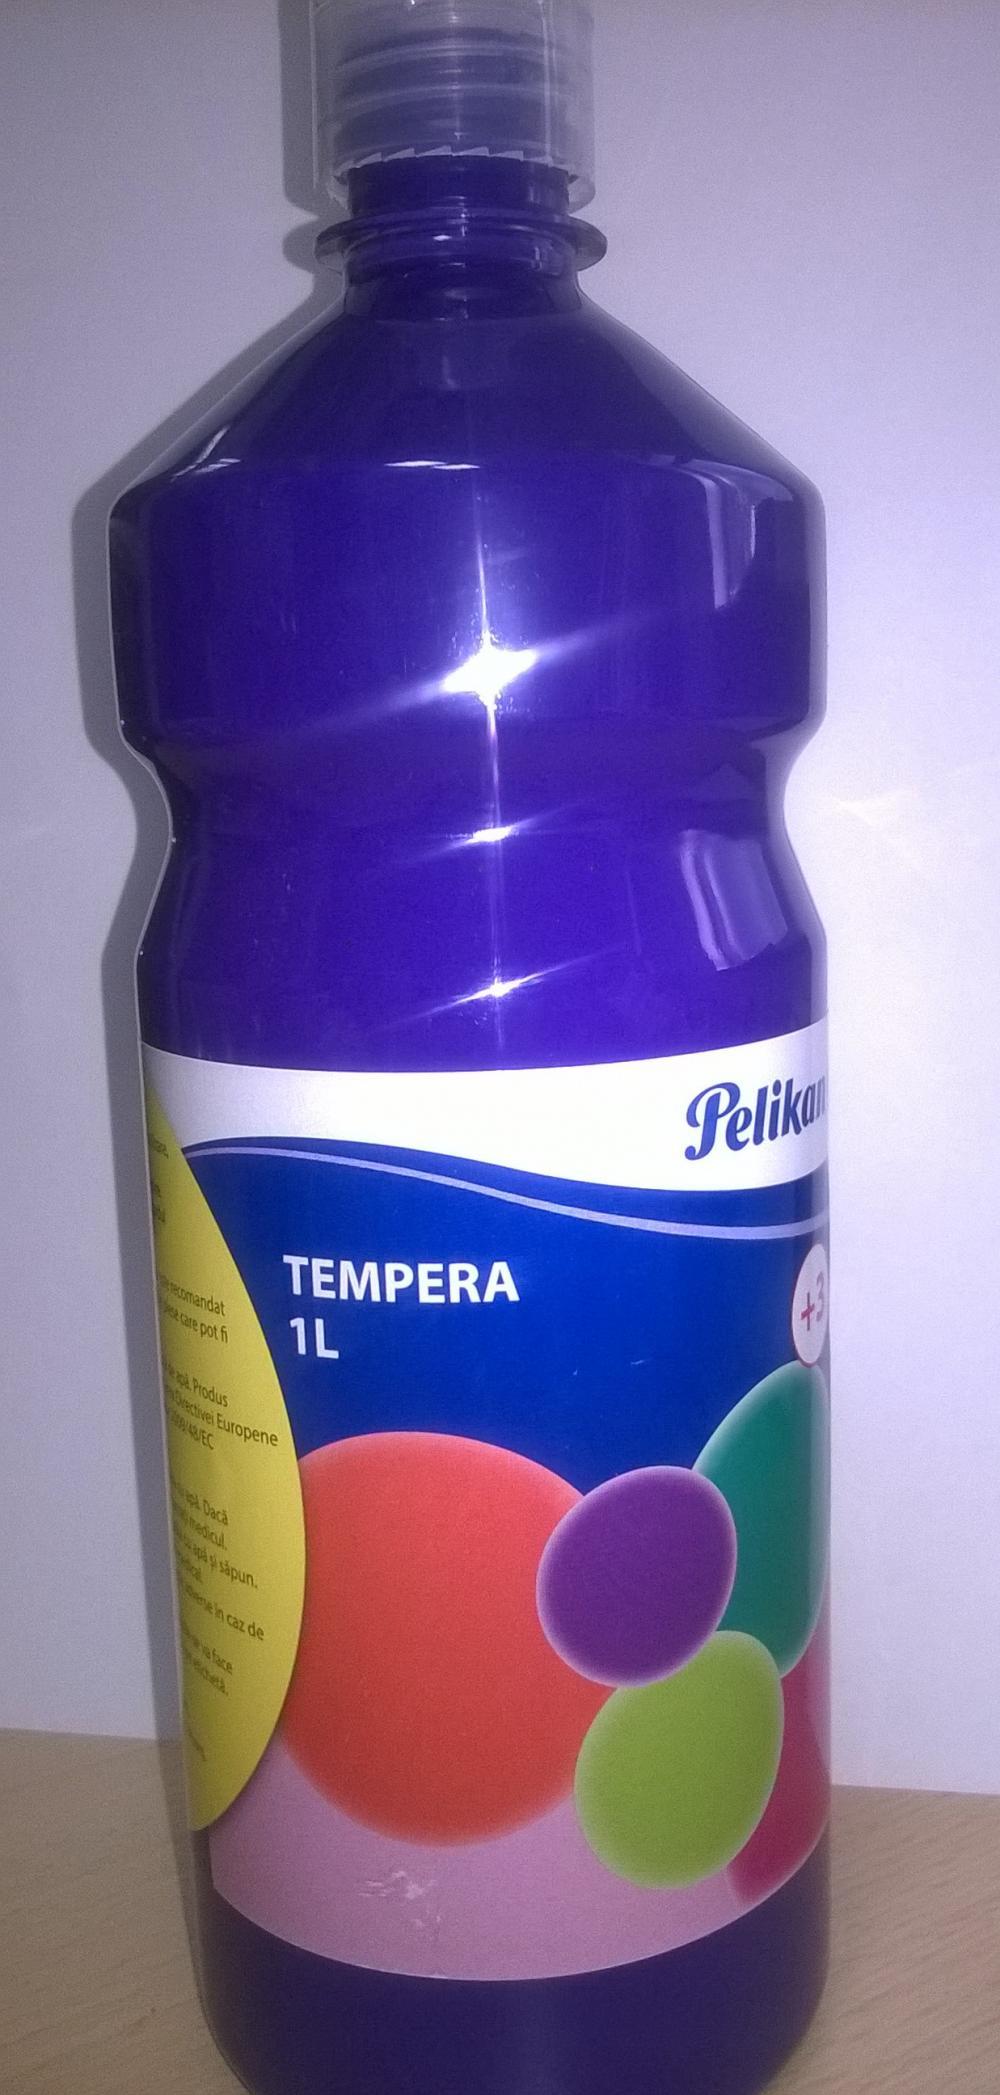 Tempera Pelikan,1L,violet